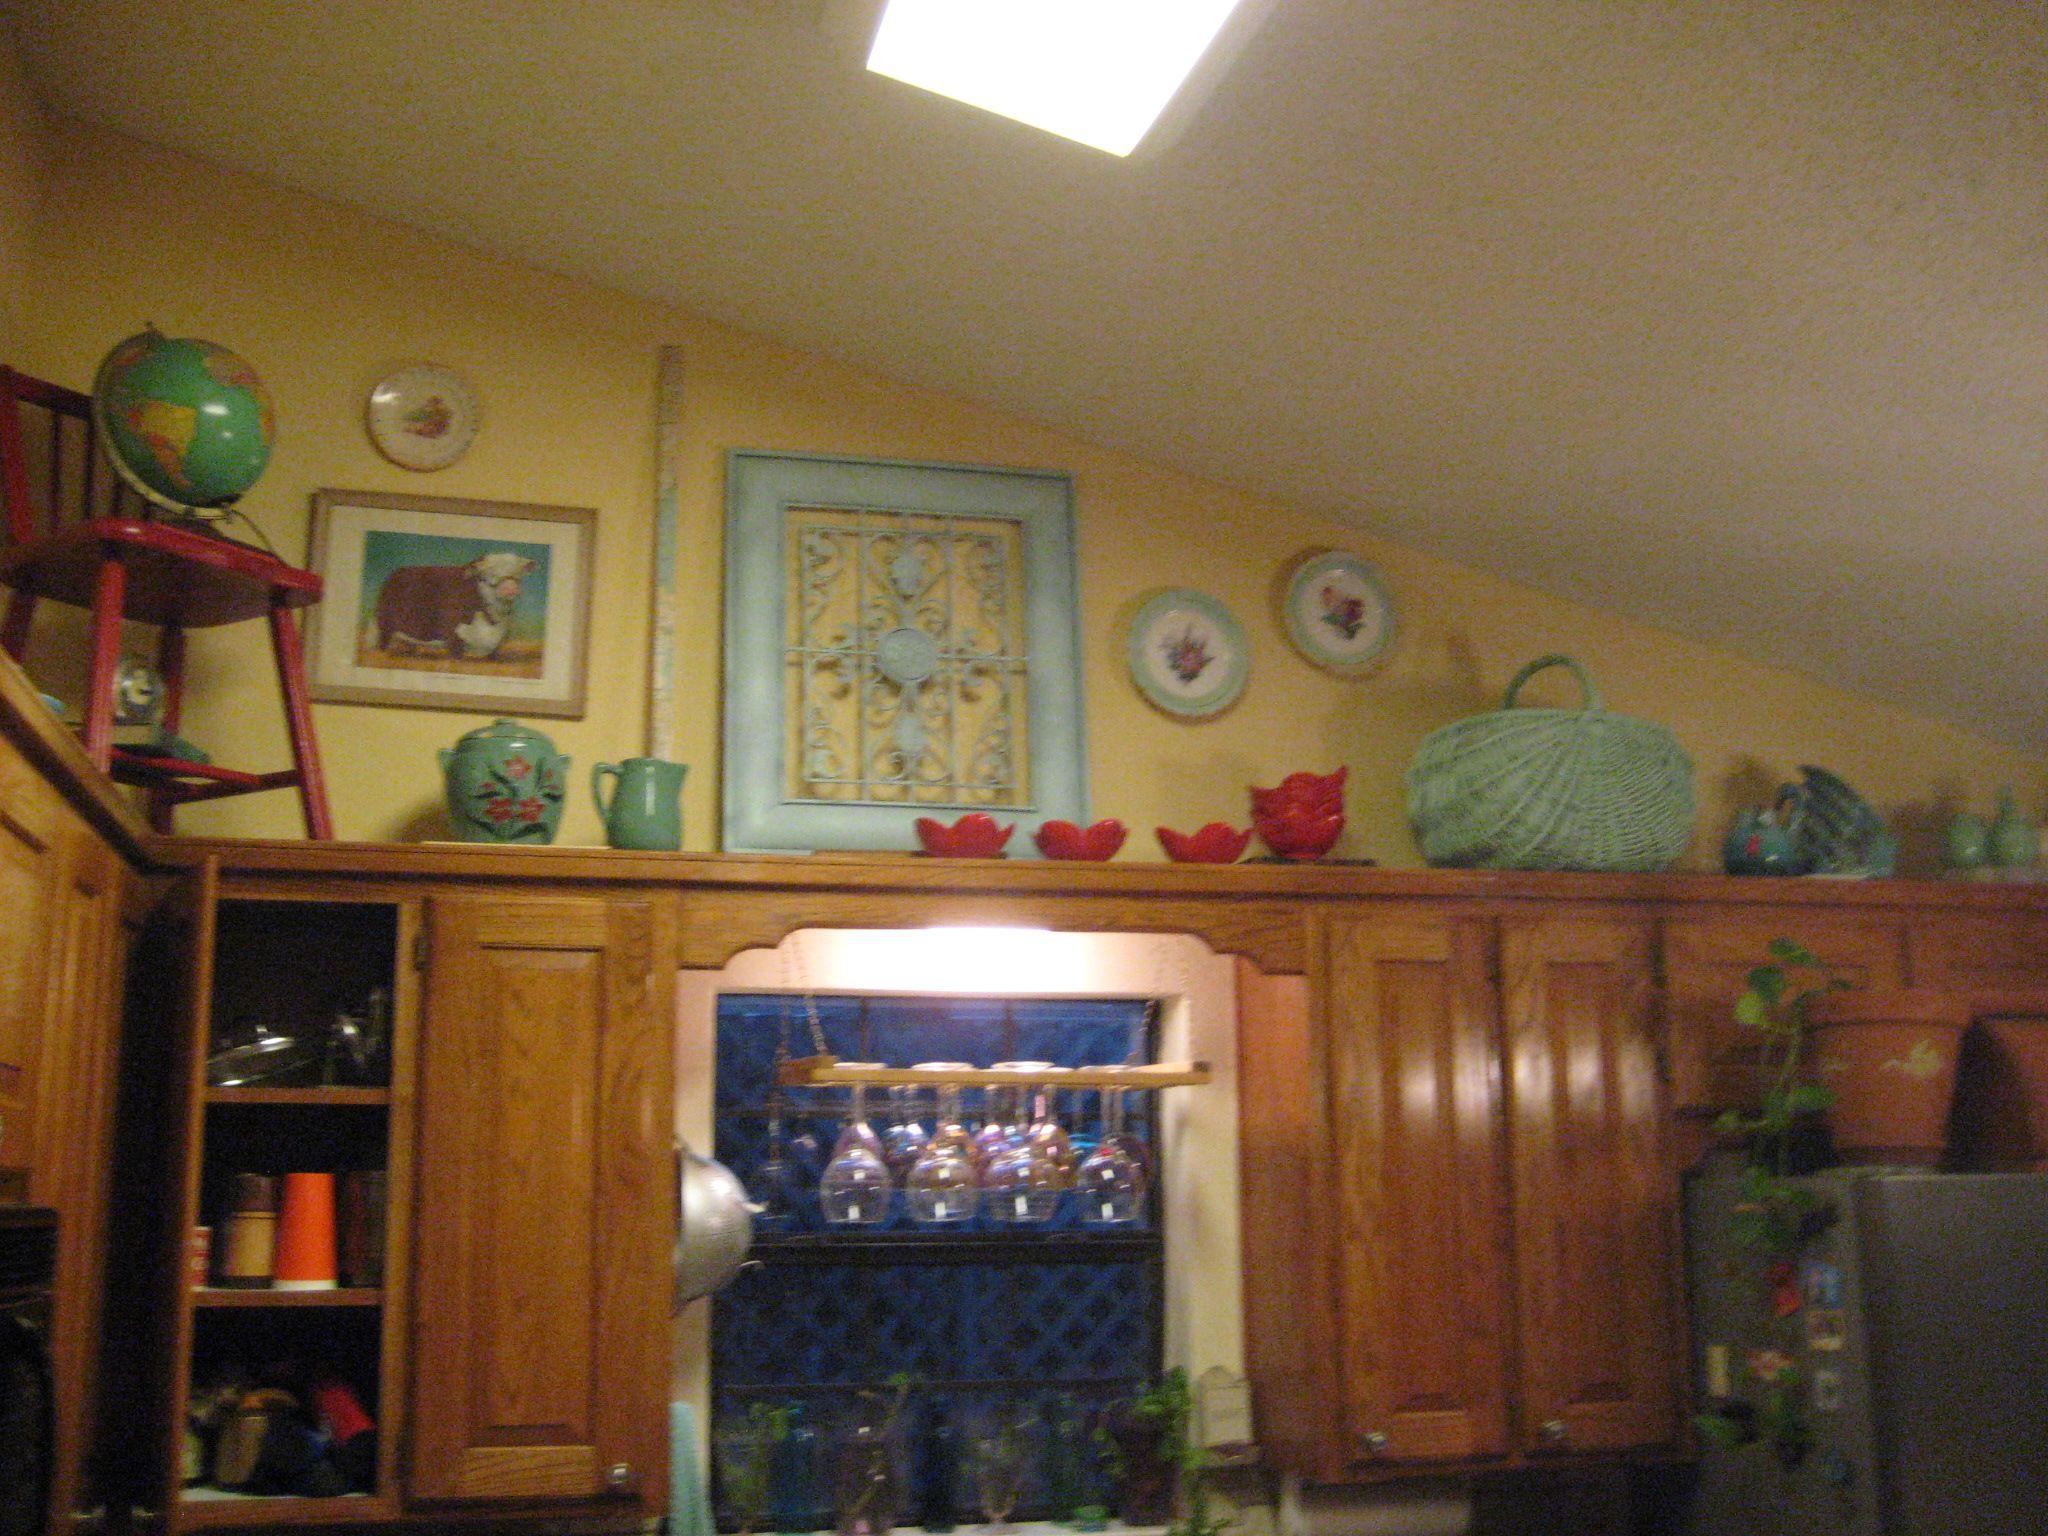 Decorating above Kitchen Cabinet Interior | decorating over kitchen cabinets nancy s hands decorating over kitchen